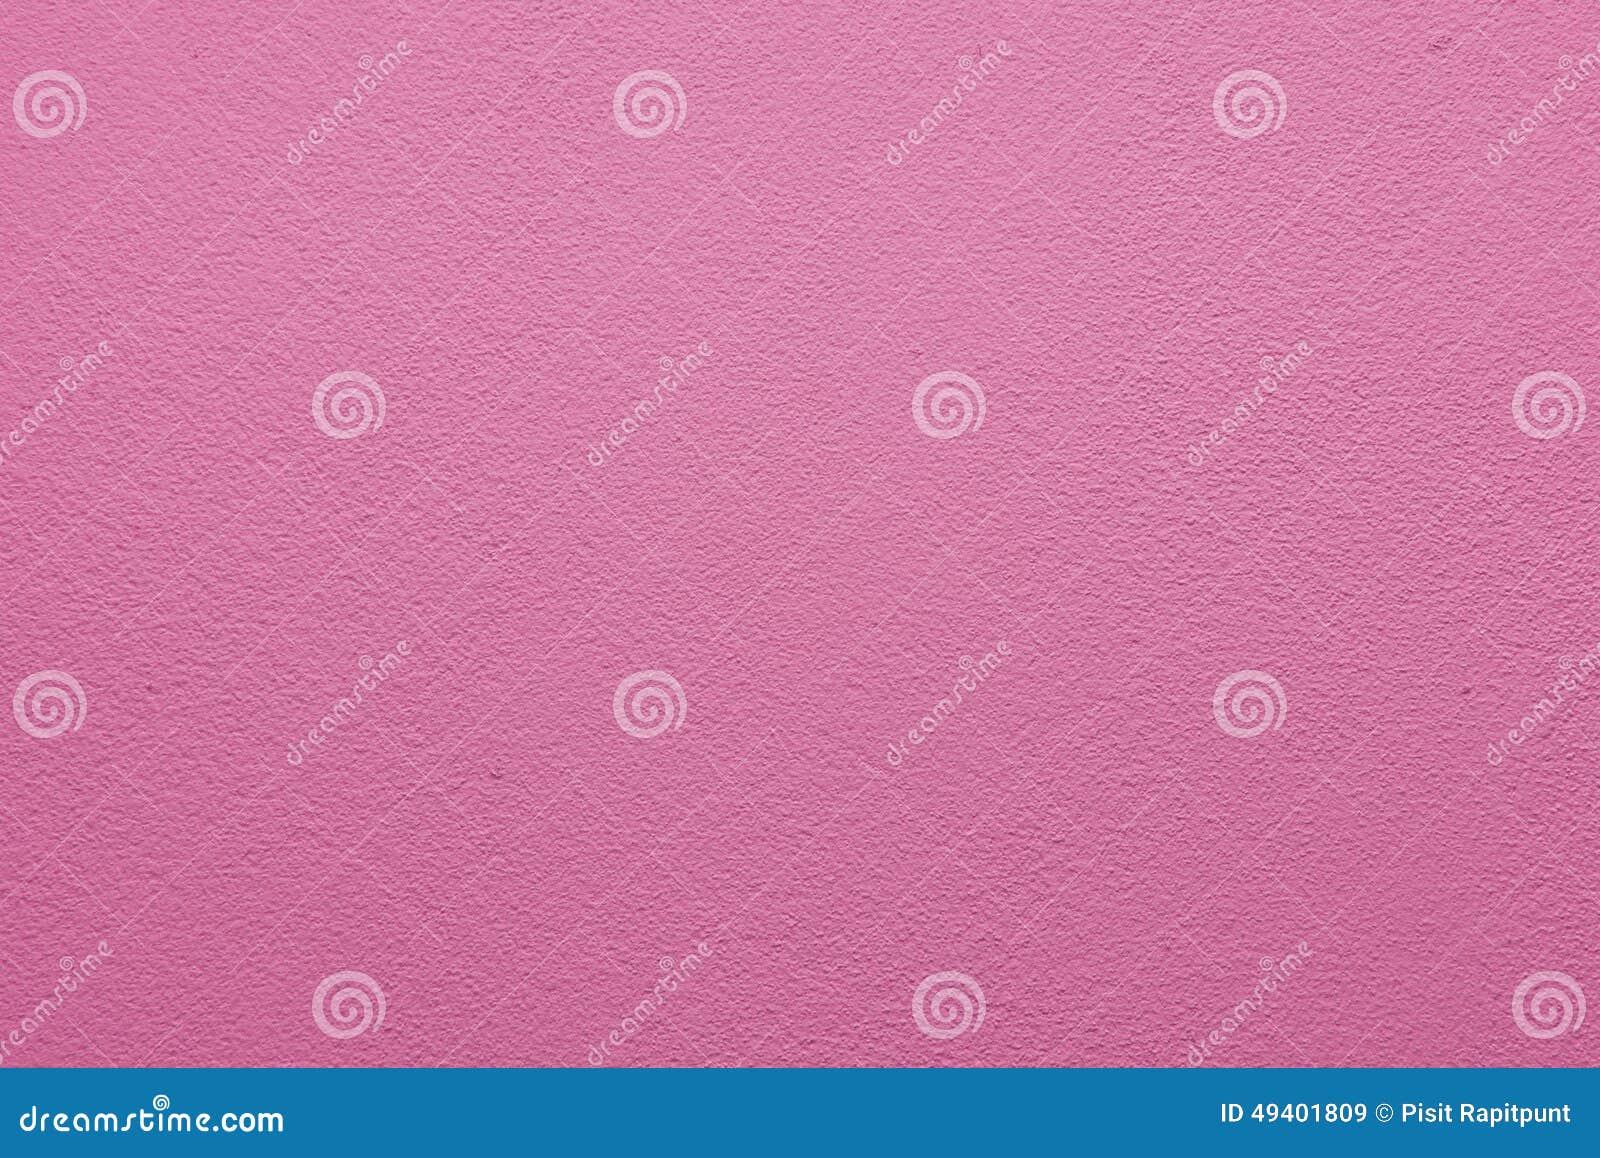 Download Zementputzwandhintergrund stockbild. Bild von schmutzig - 49401809